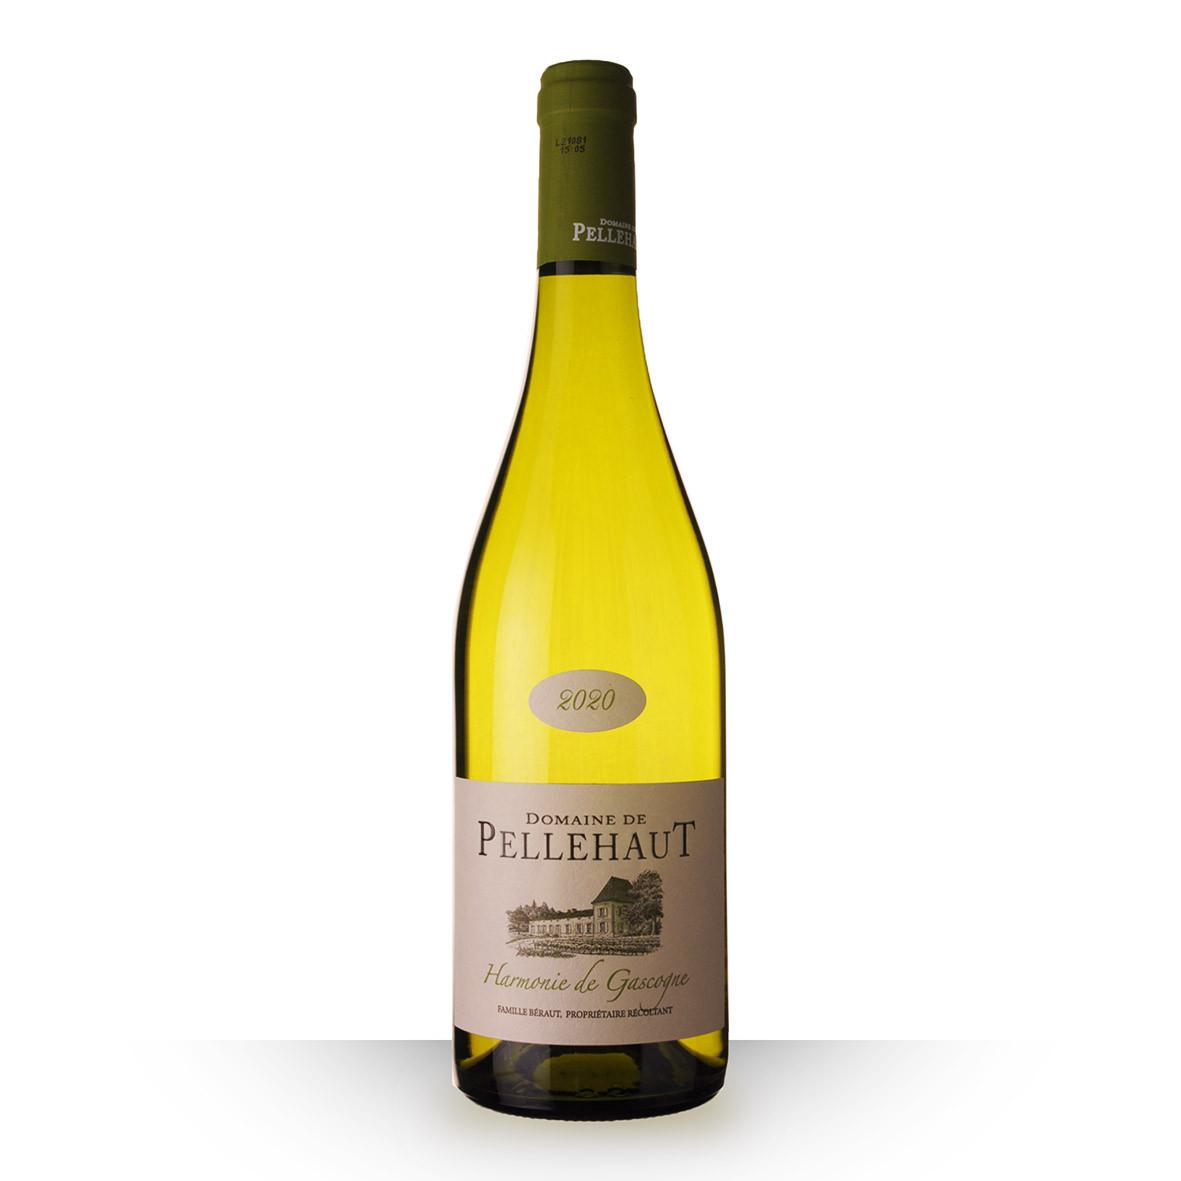 Domaine de Pellehaut Harmonie Côtes de Gascogne Blanc 2020 75cl www.odyssee-vins.com